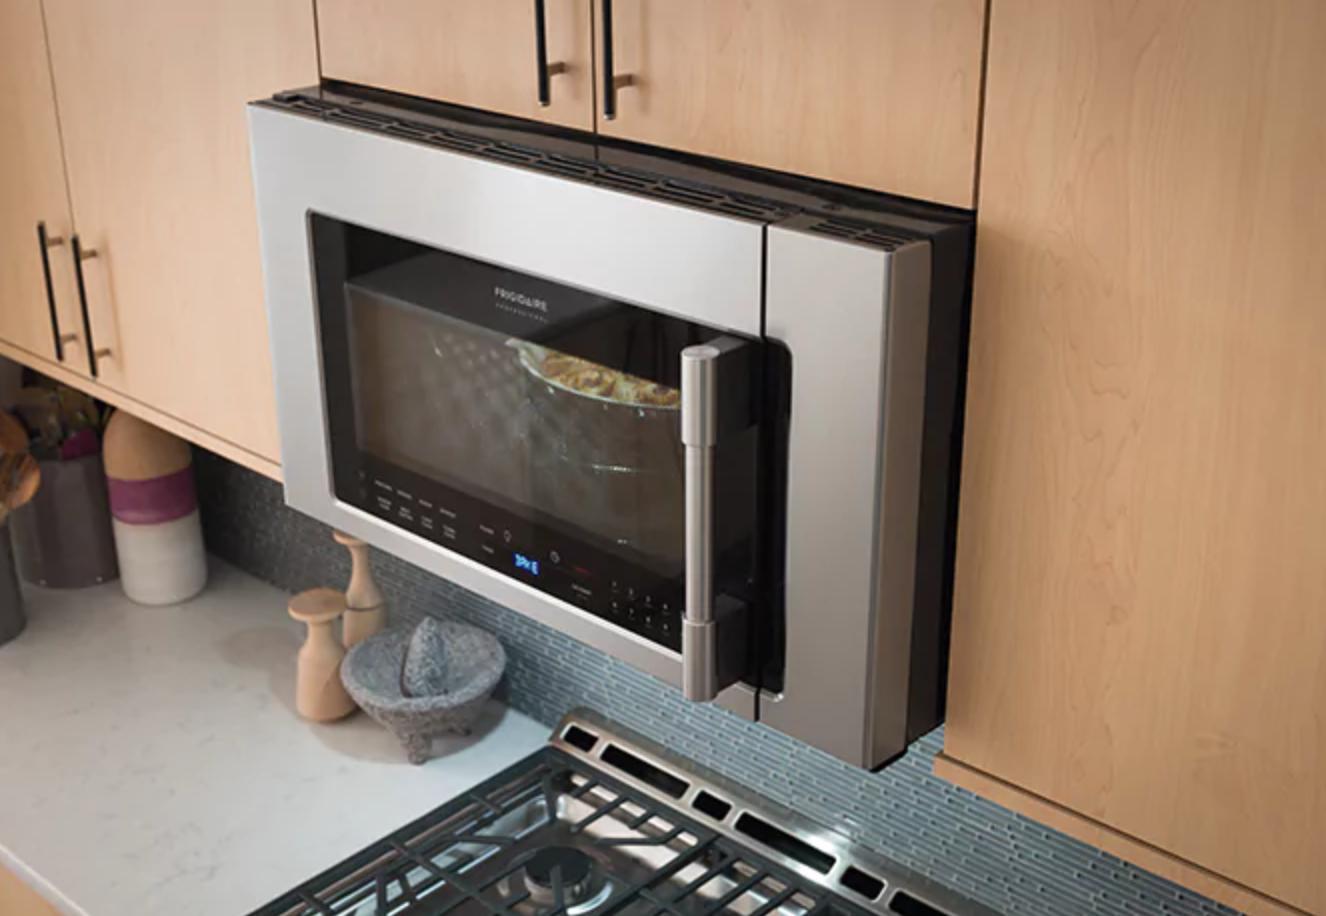 frigidaire microwaves arizona